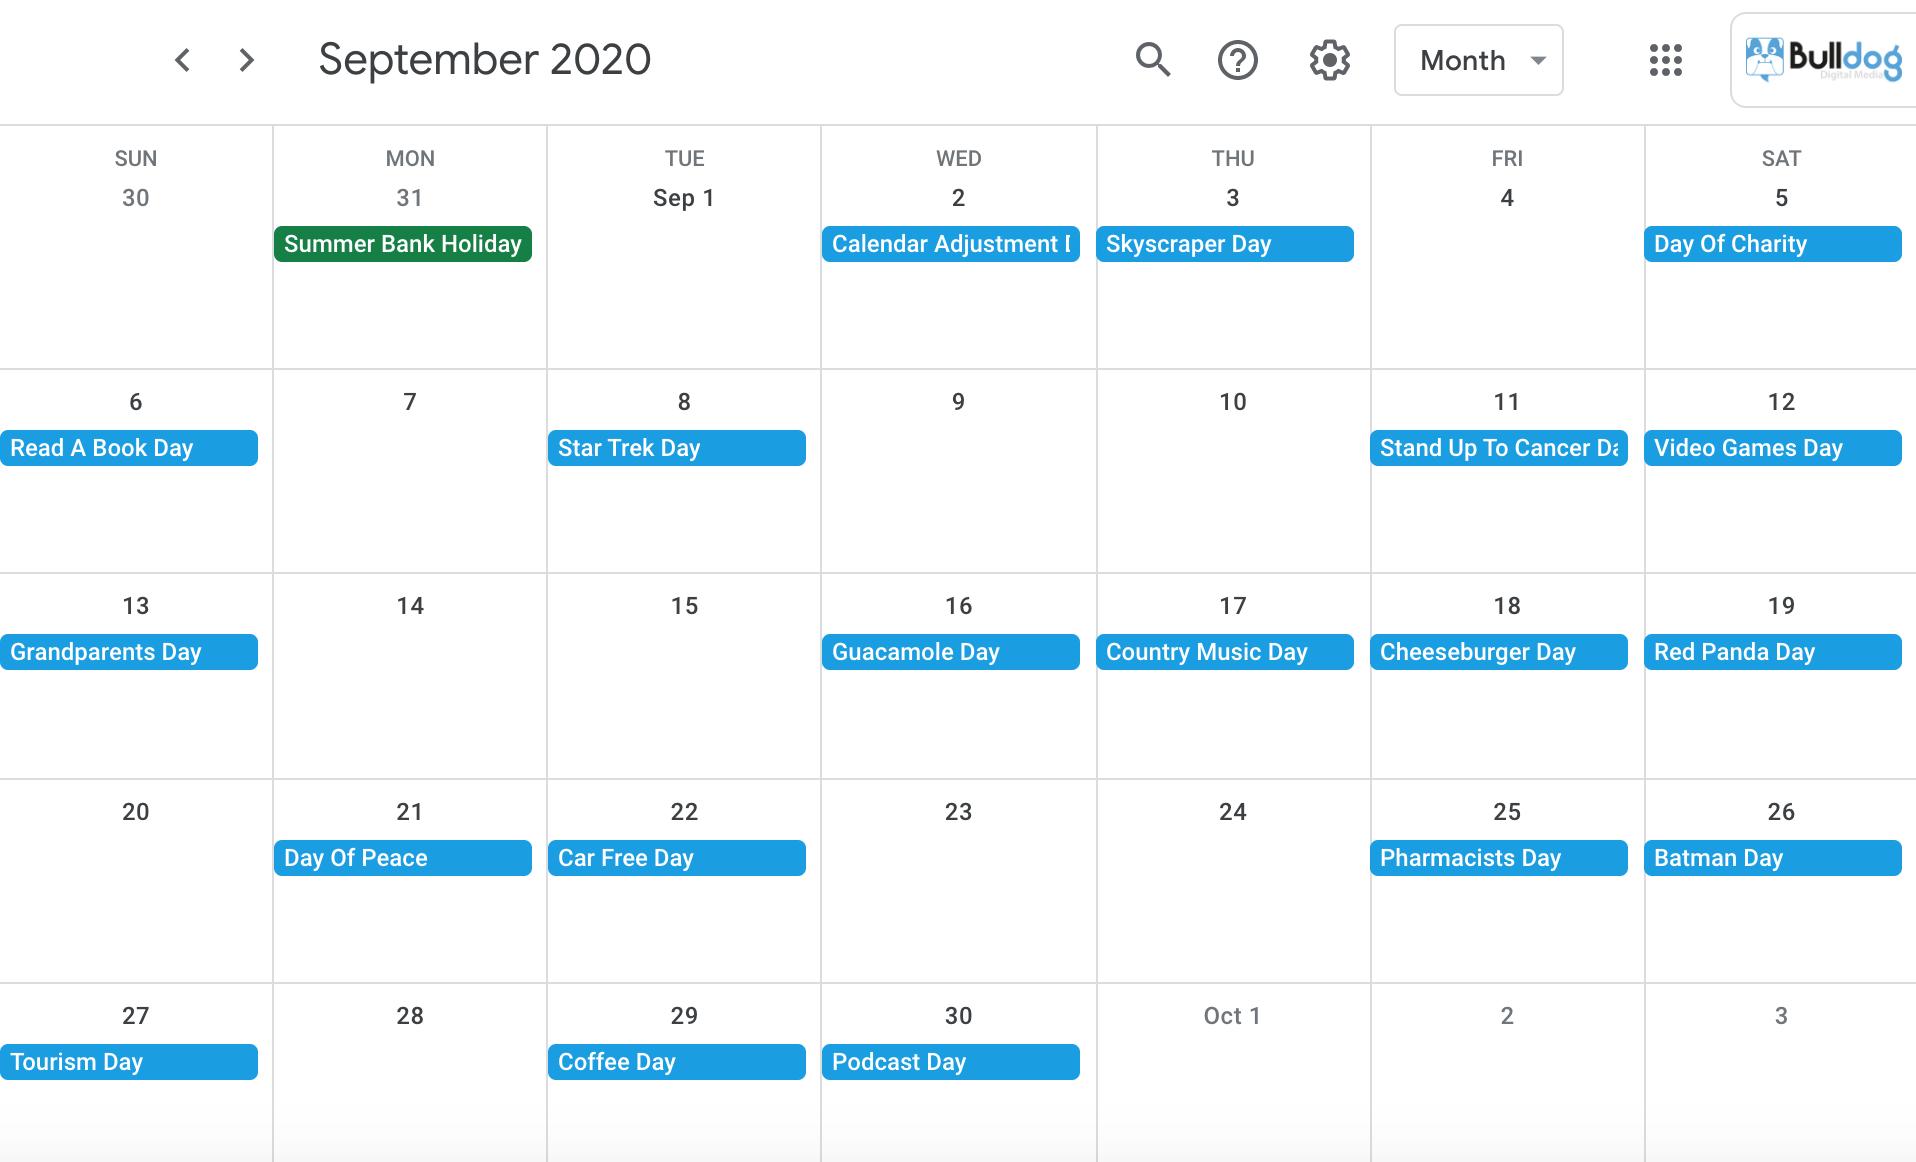 September 2020 social media holidays calendar